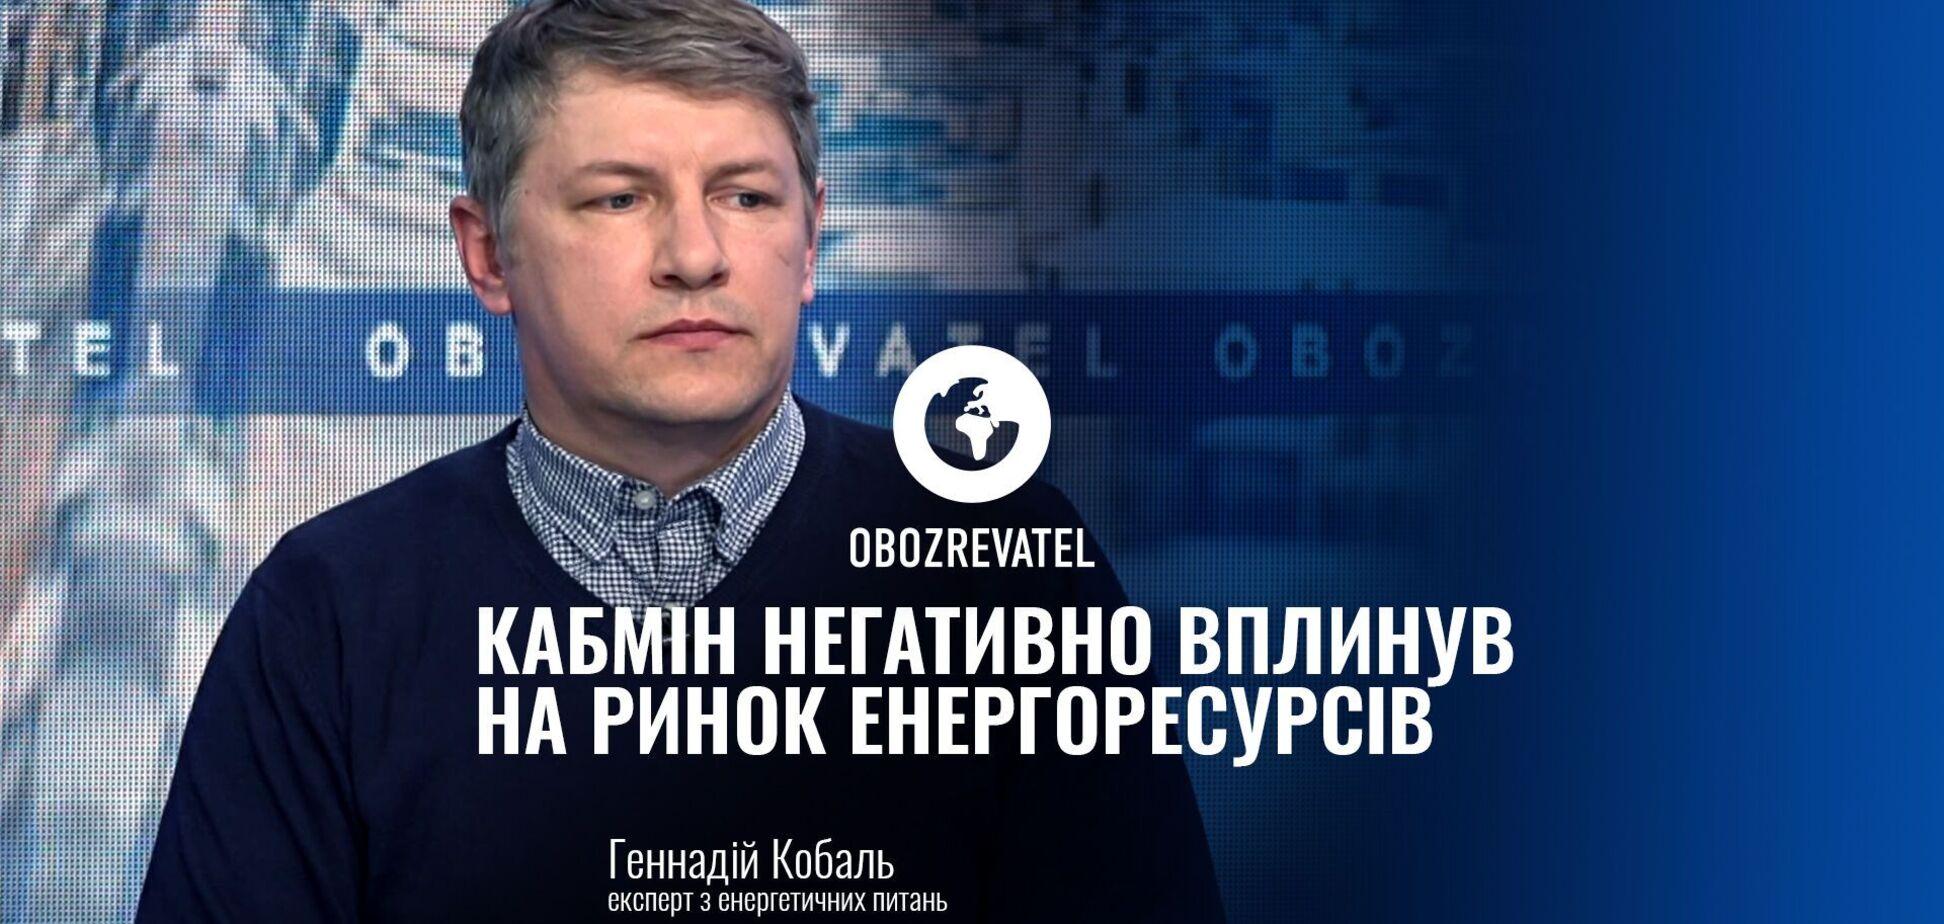 Неосторожная проверка недропользователей может спровоцировать дефицит газа на рынке Украины, – Кобаль